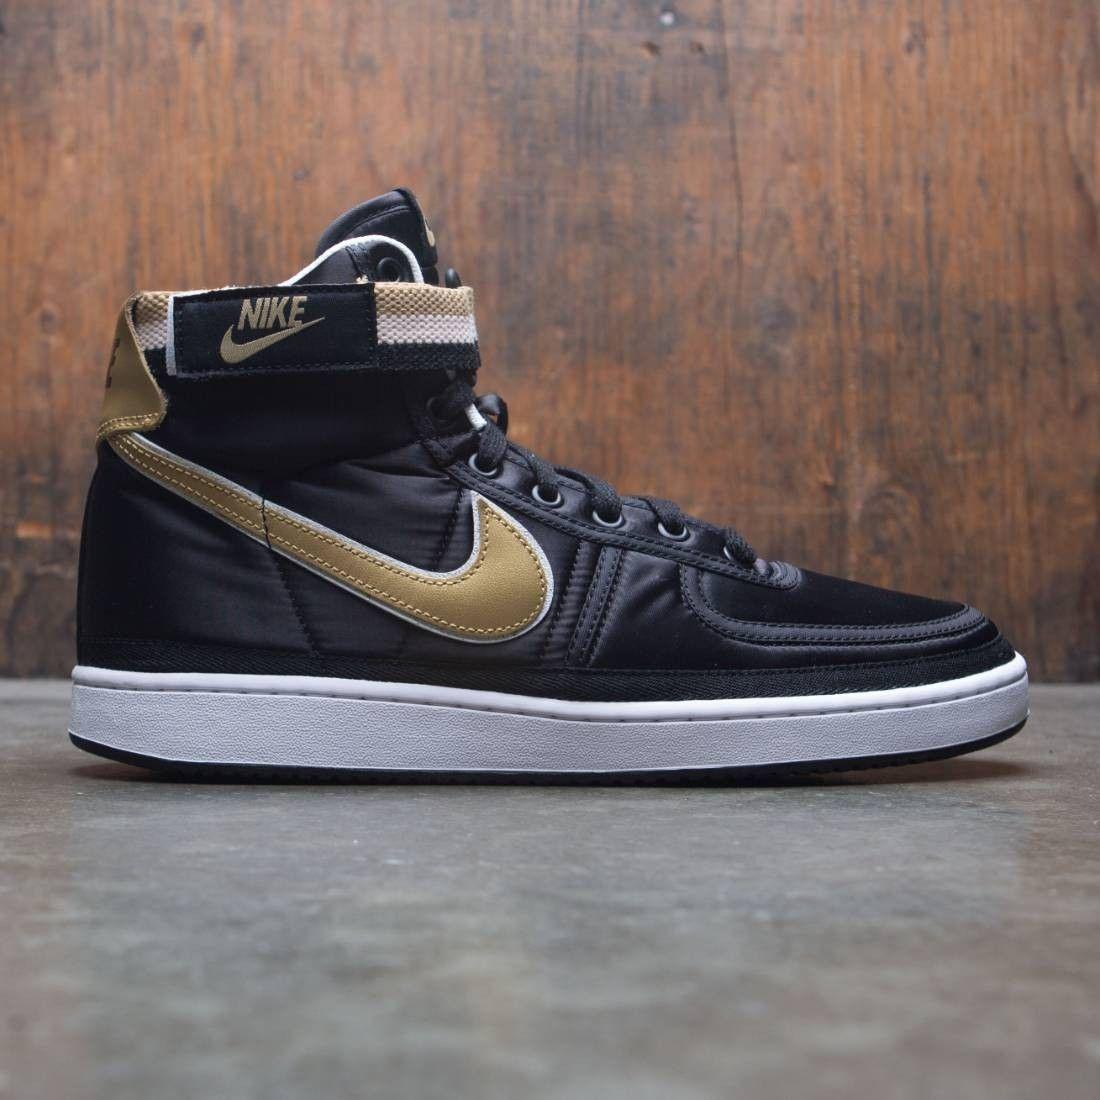 low priced 1a132 64229 Nike Men Vandal High Supreme (black  metallic gold-white)